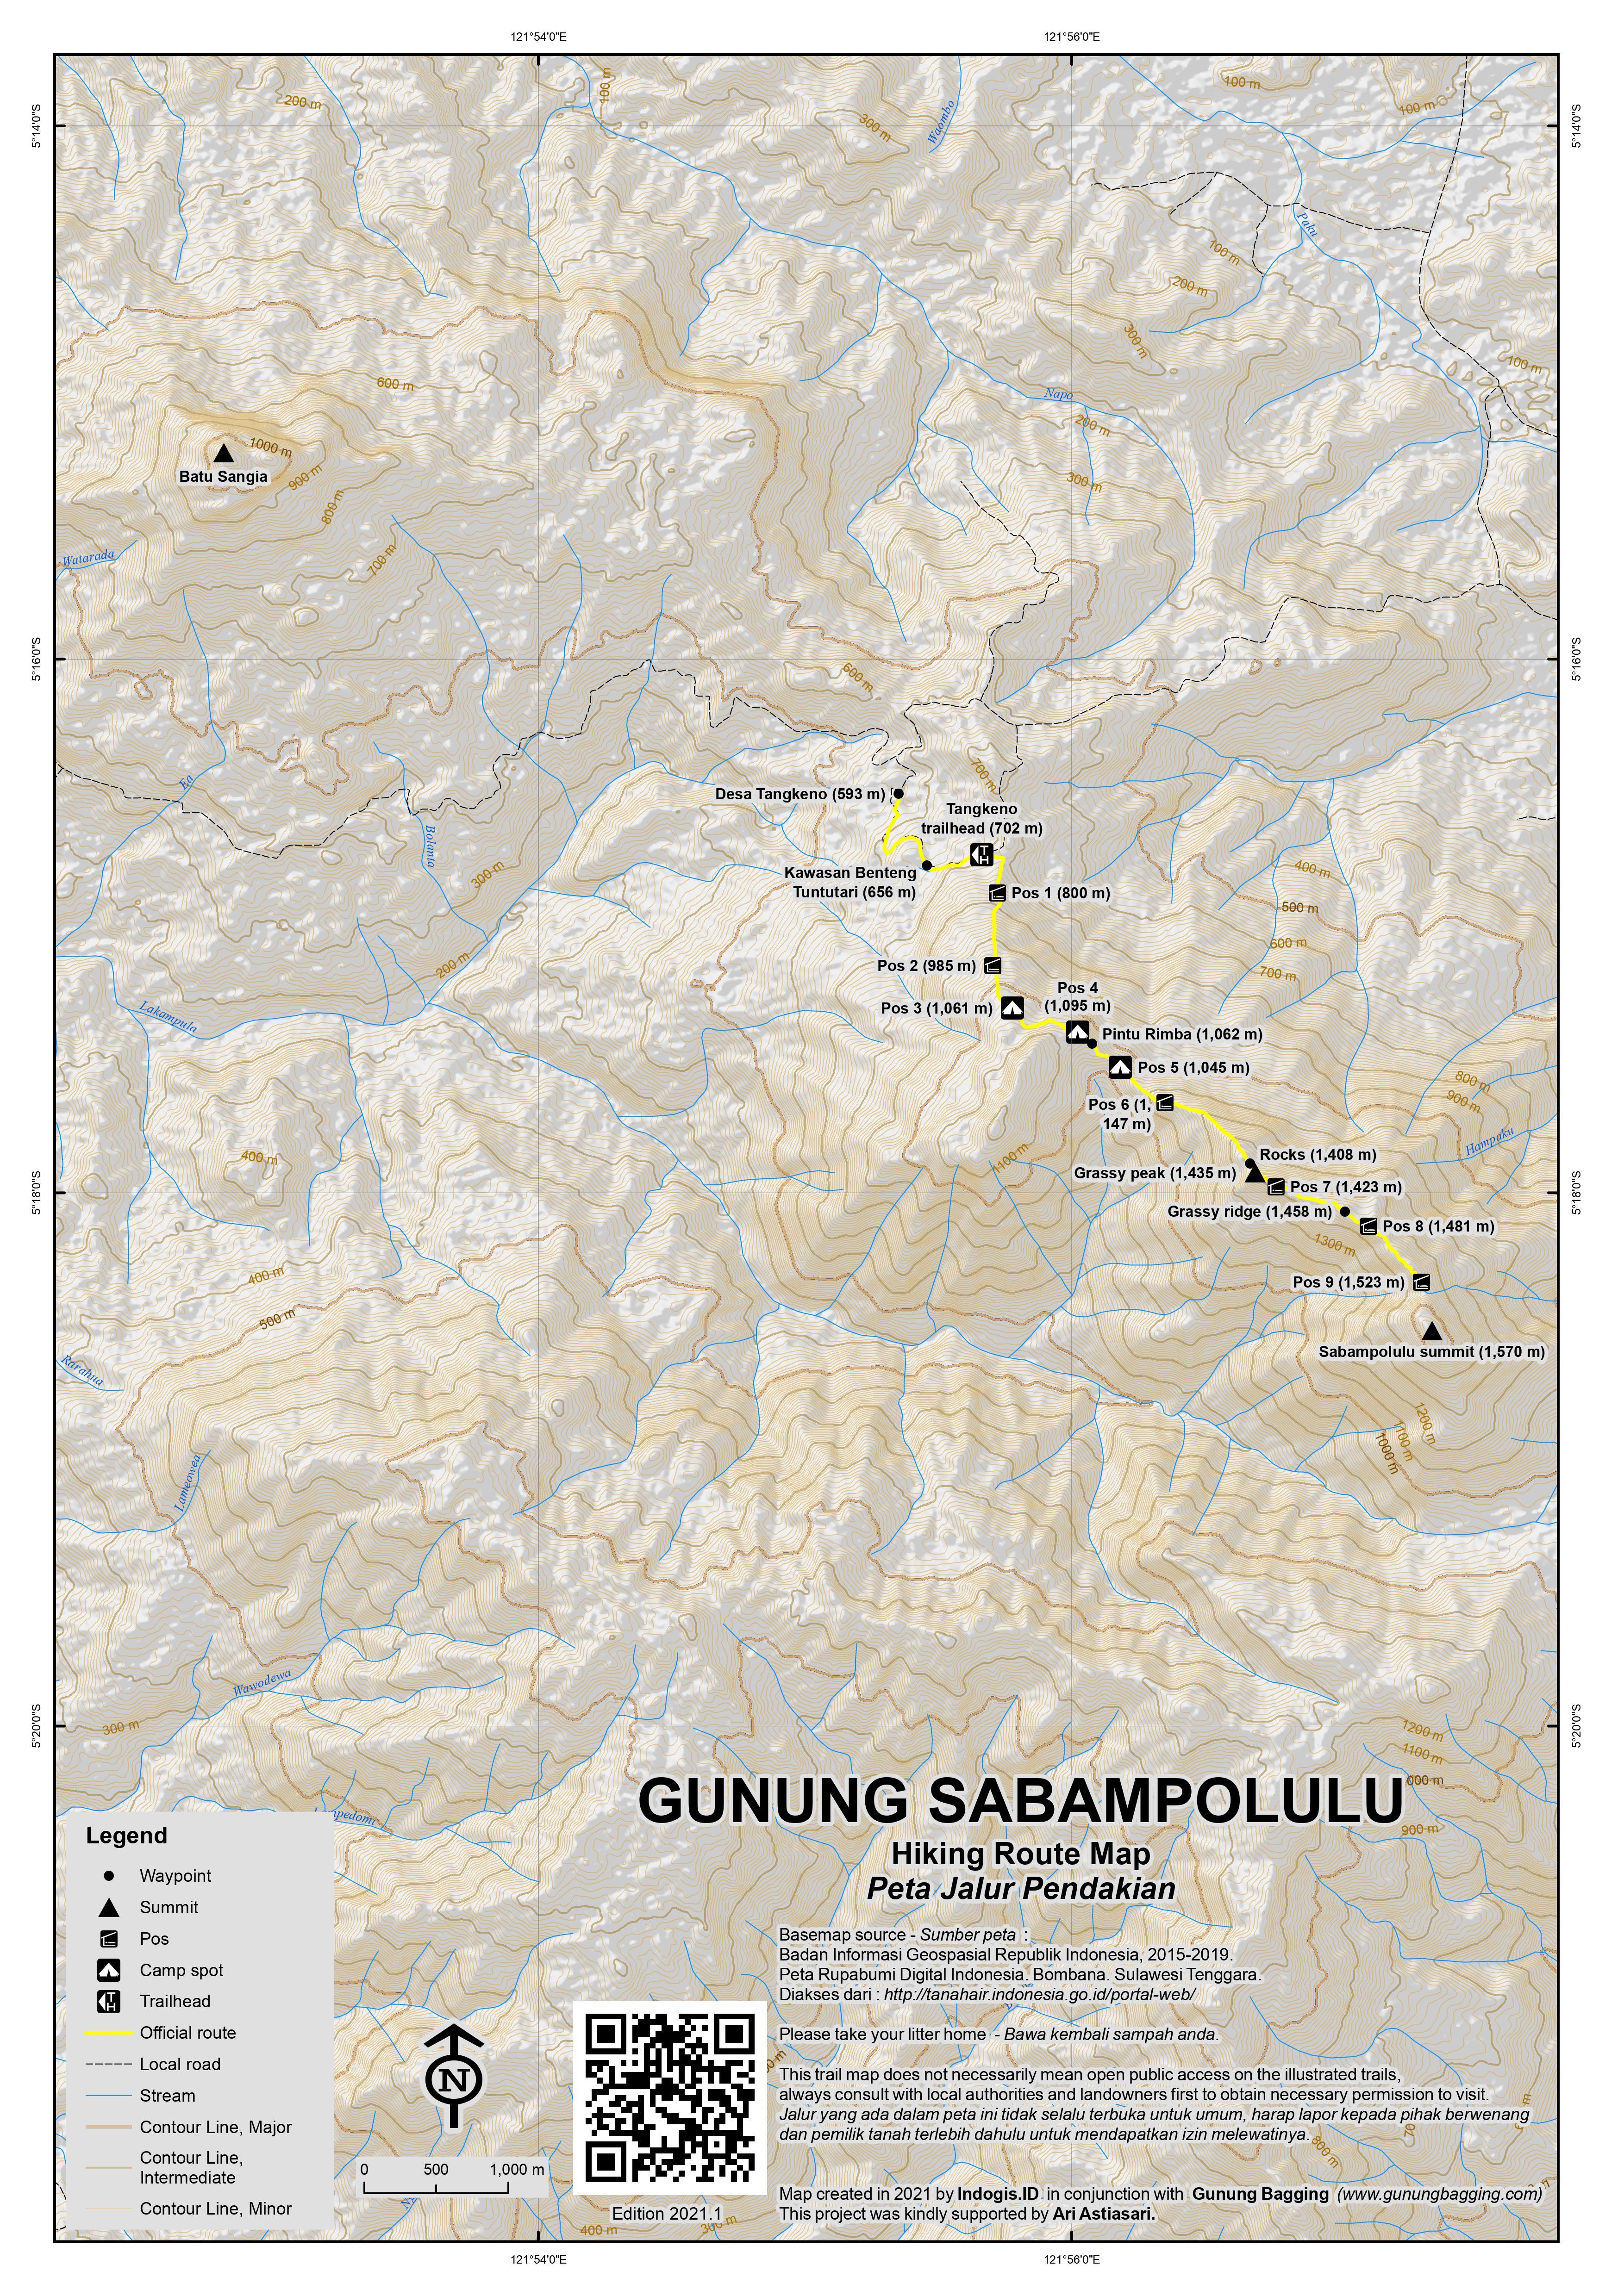 Peta Jalur Pendakian Gunung Sabampolulu